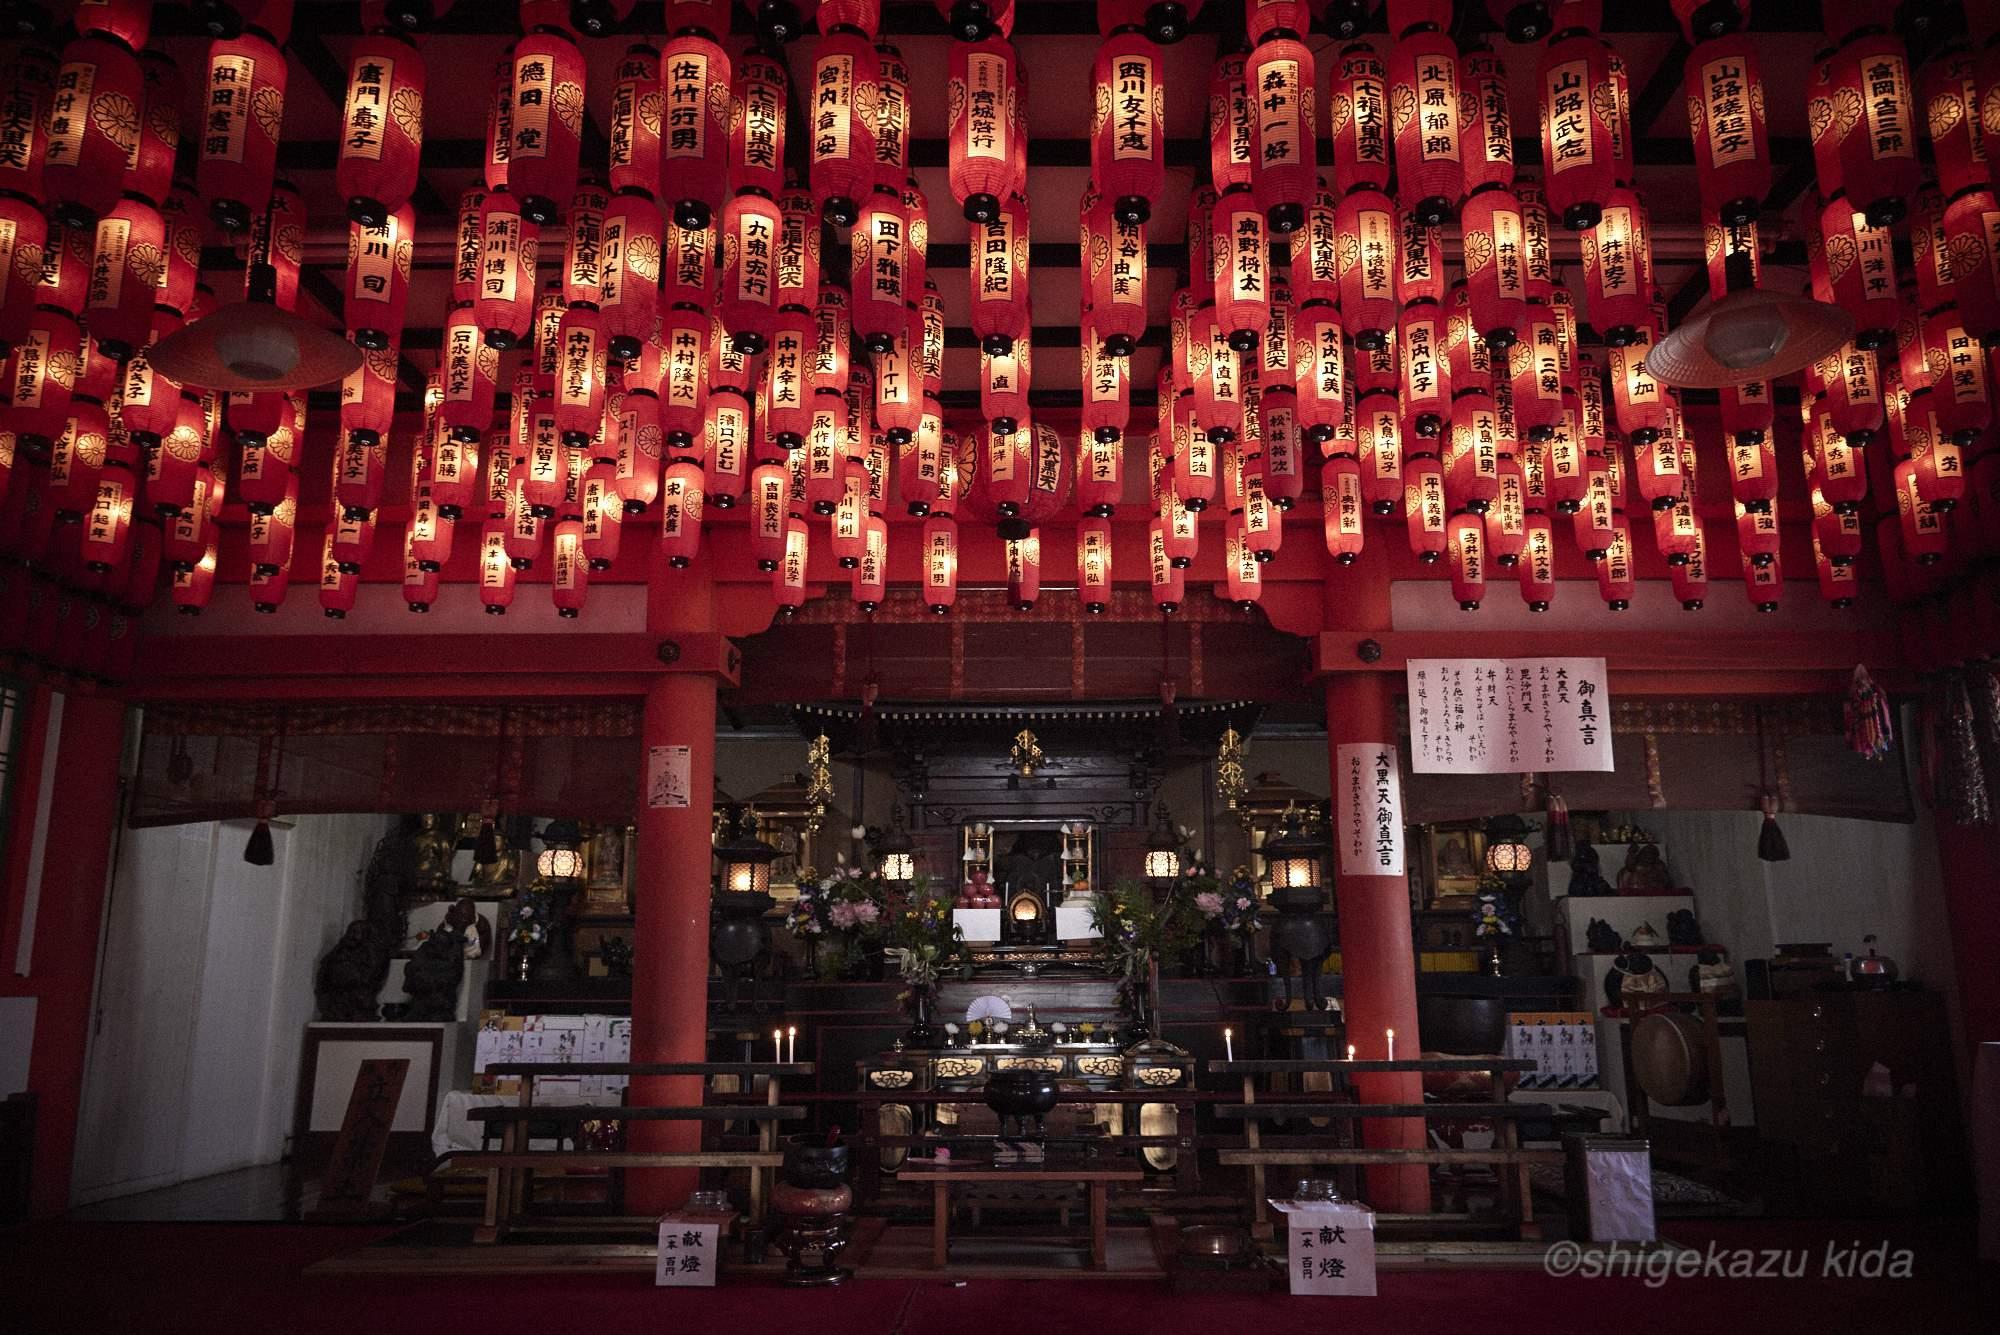 貴田茂和 shigekazu kida 熊野古道の熊野那智大社